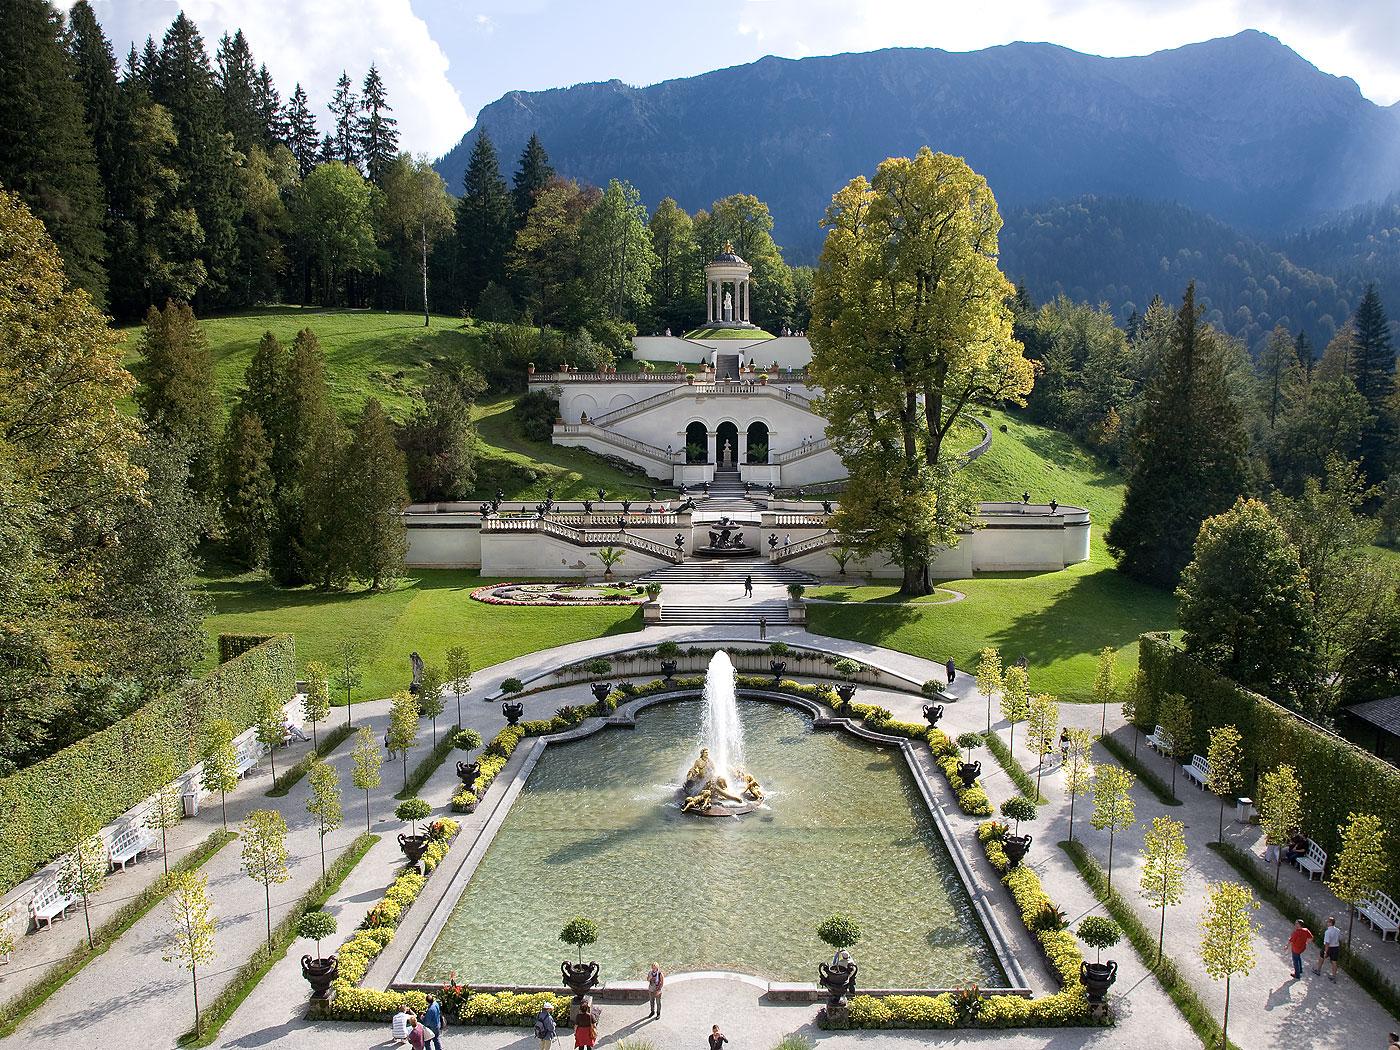 Bayerische Schlosserverwaltung Schlossanlage Linderhof Service Impressum